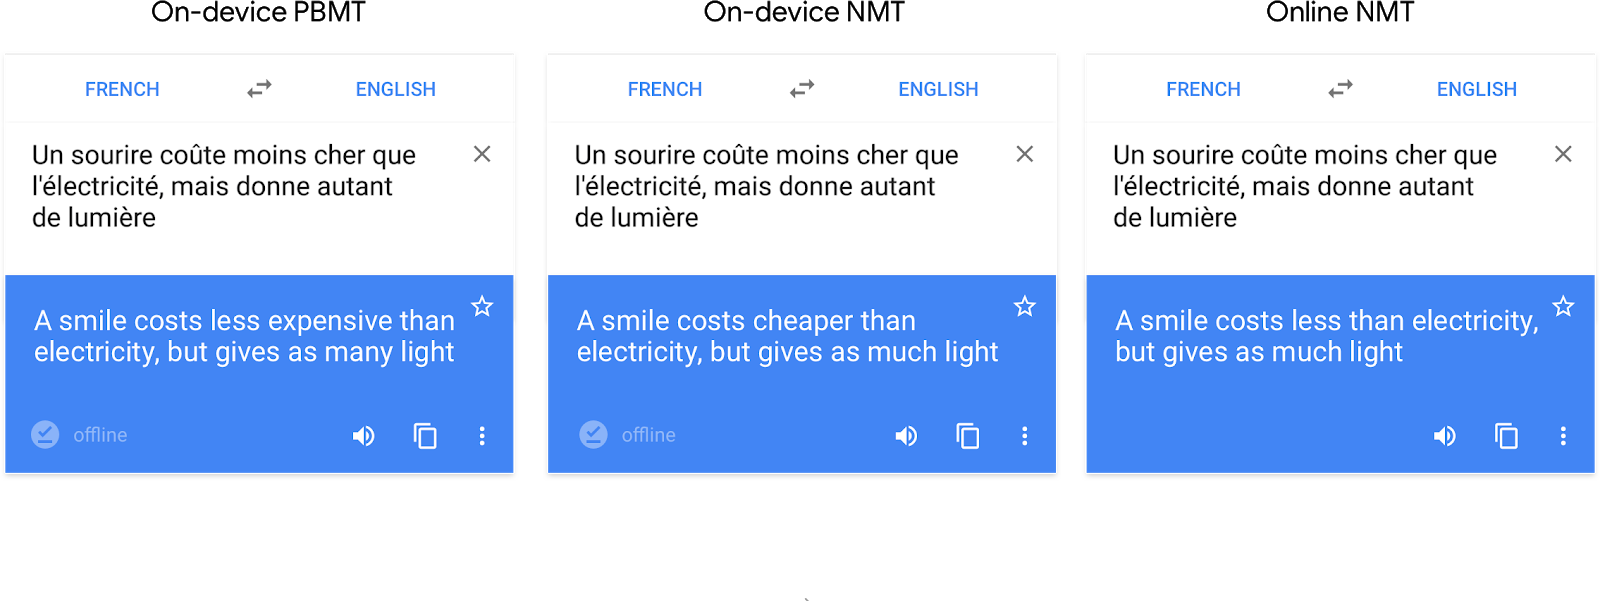 Google Translate gets smarter offline translation features ...